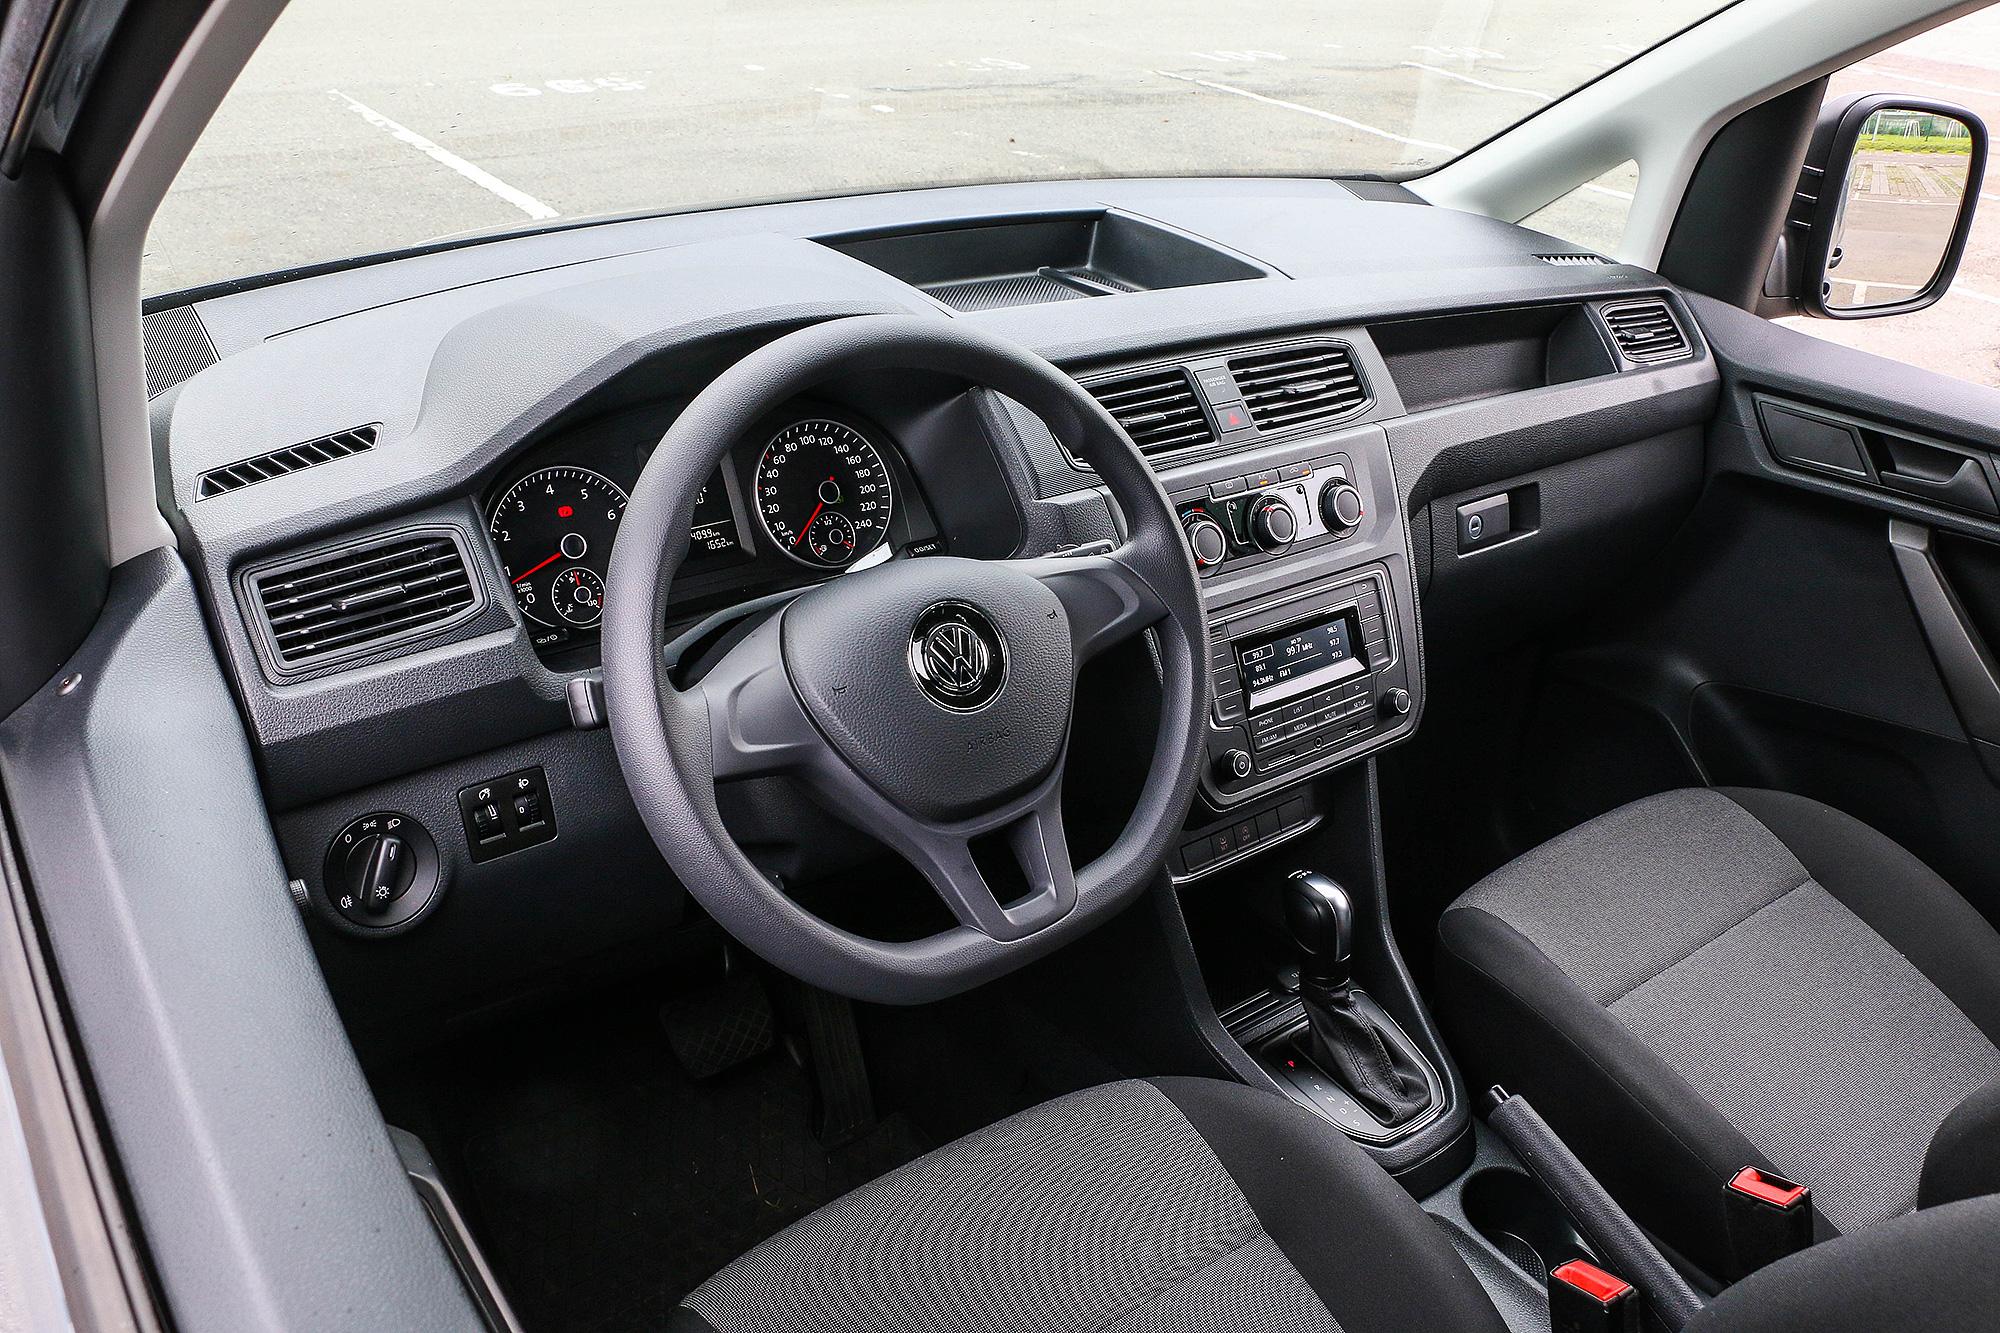 座艙設計與 Caddy Van 家族相同,延續了轎車化的設計。